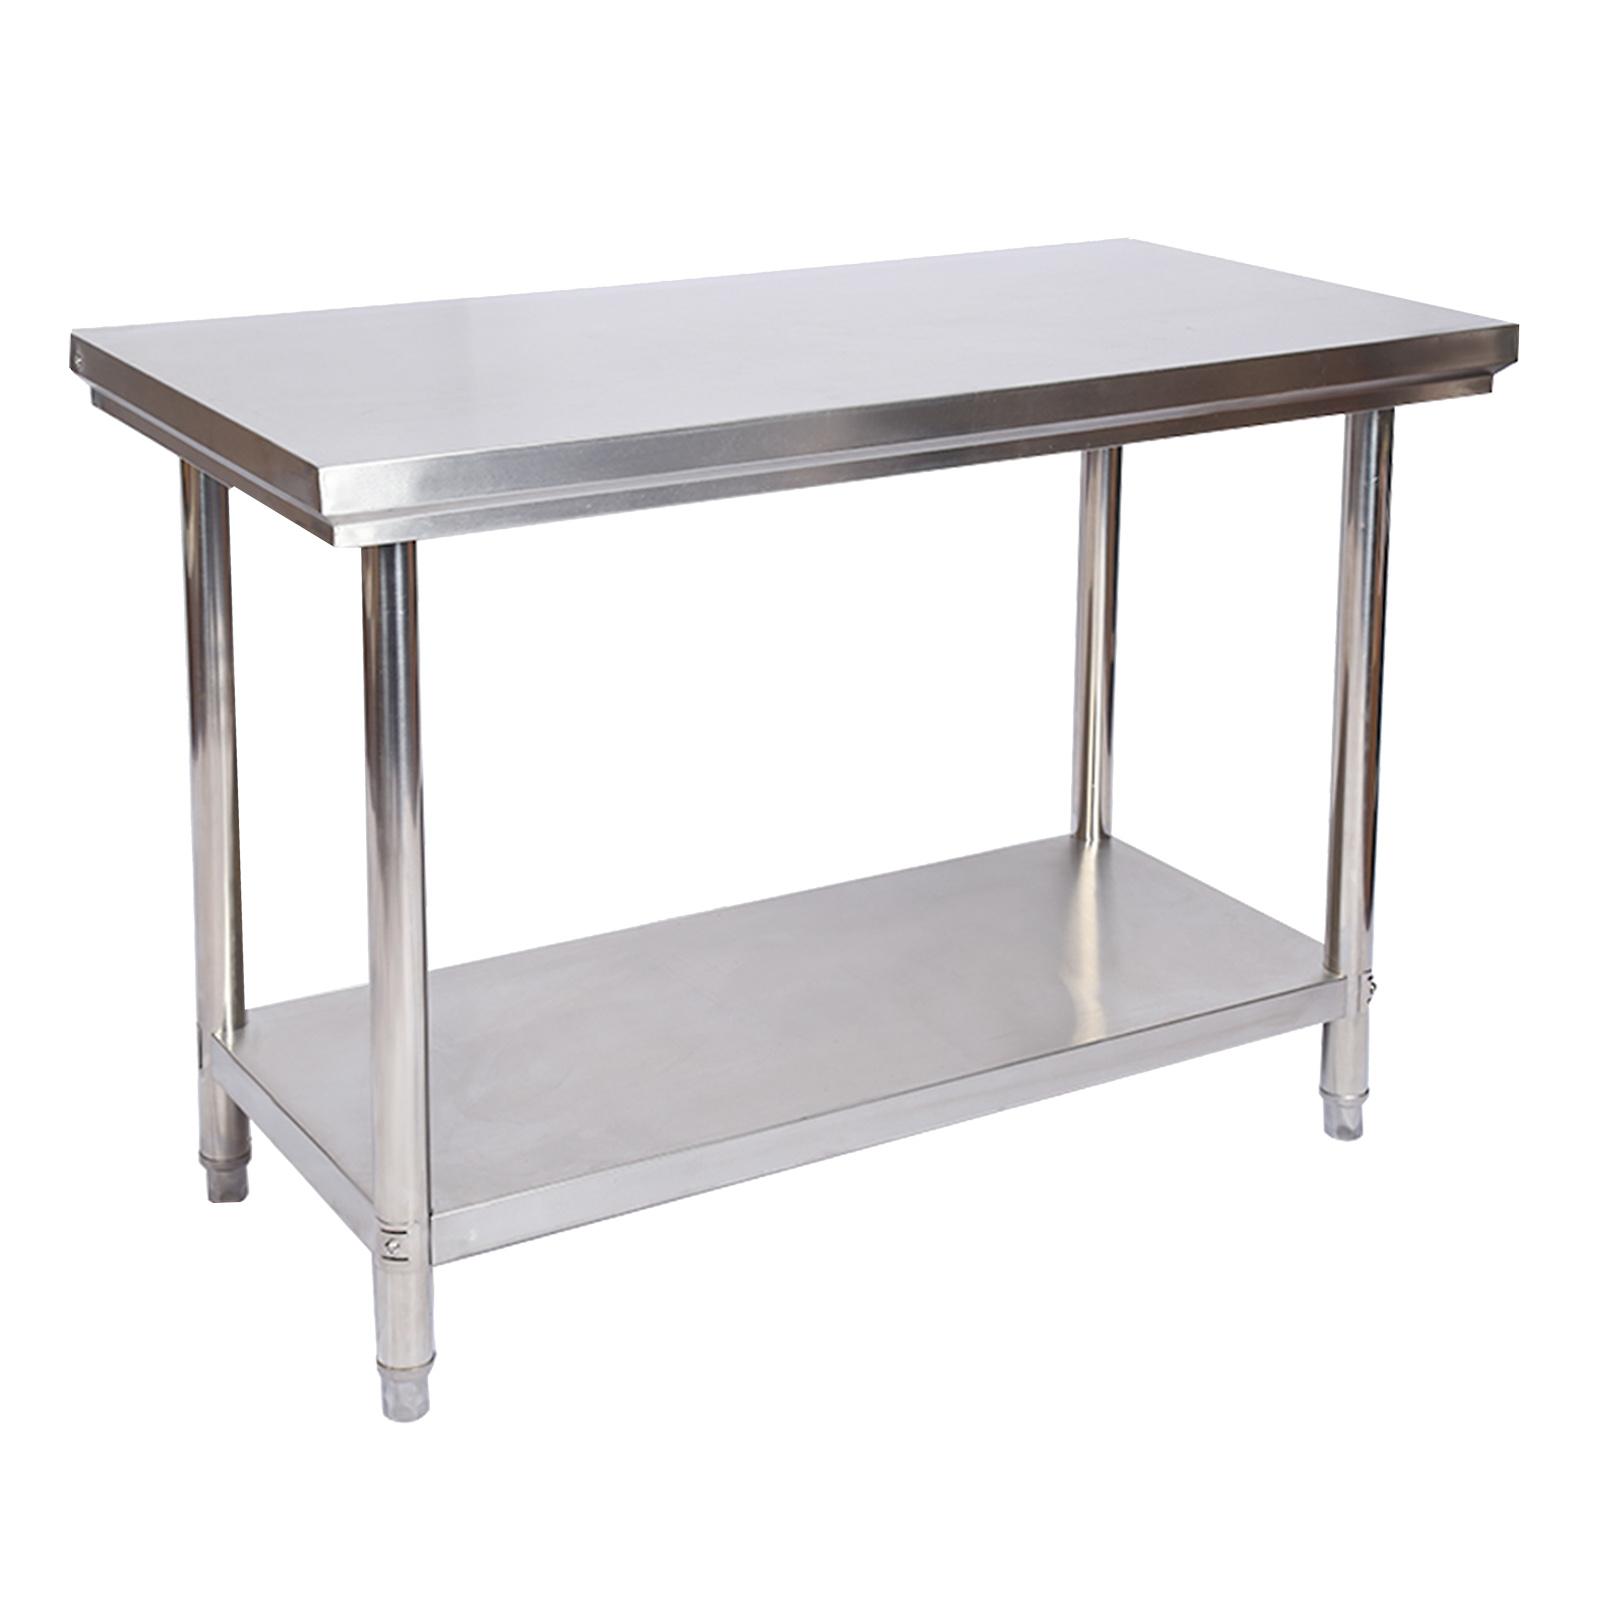 Edelstahl Tisch Arbeitstisch Edelstahltisch Gartentisch 100 X 60 X